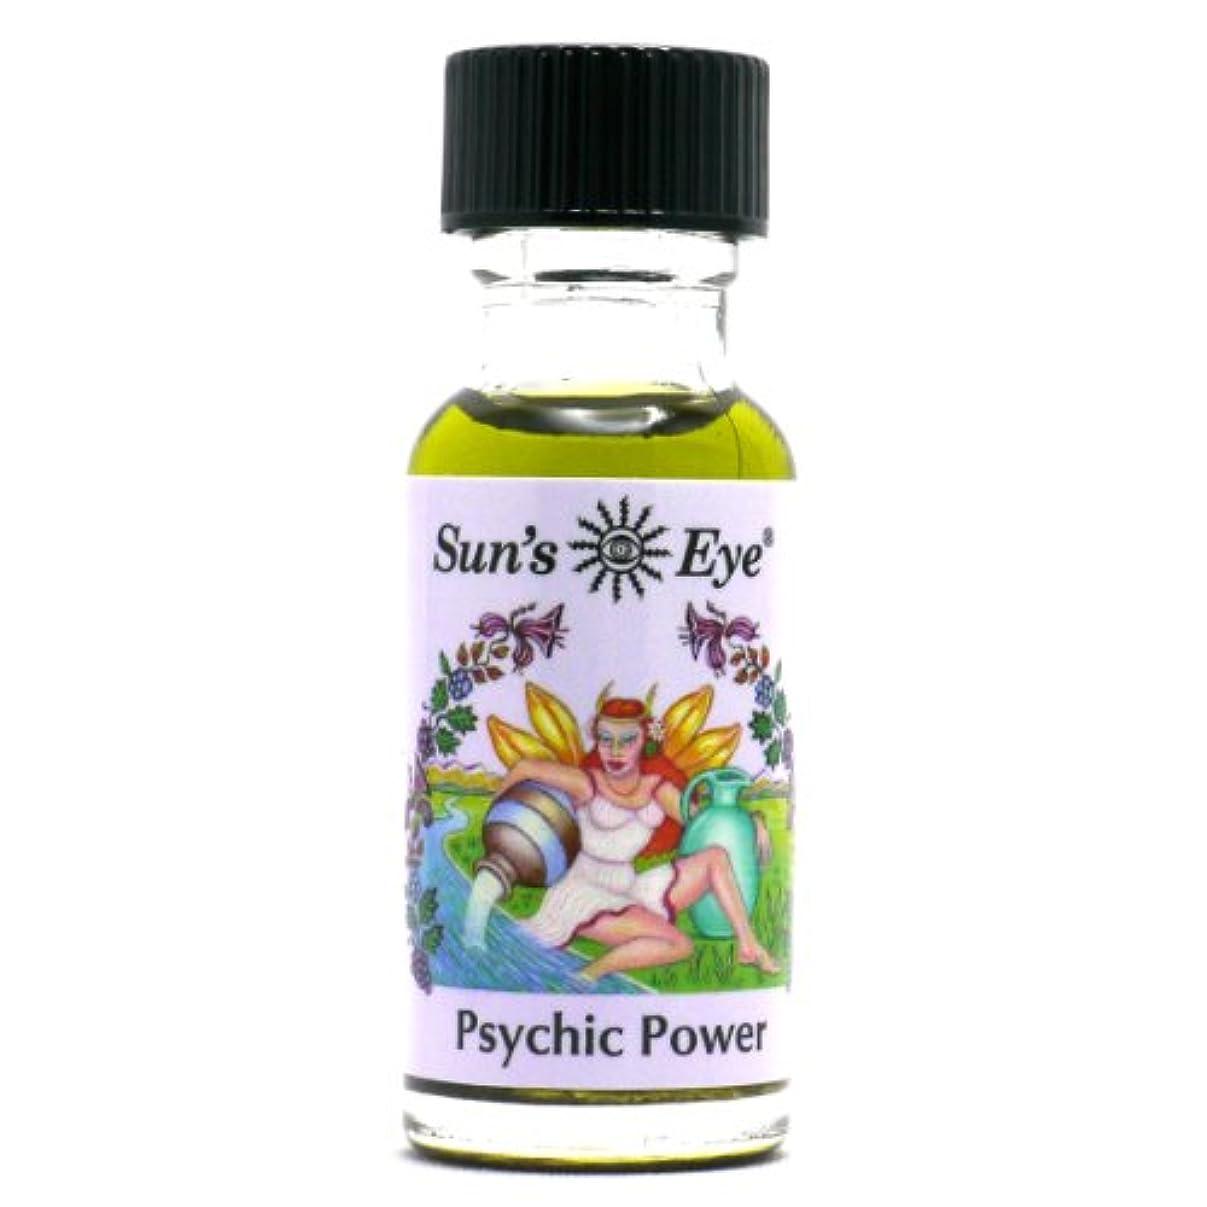 囲む刑務所メイド【Sun'sEye サンズアイ】Mystic Blends(ミスティックブレンドオイル)Psychic Power(サイキックパワー)